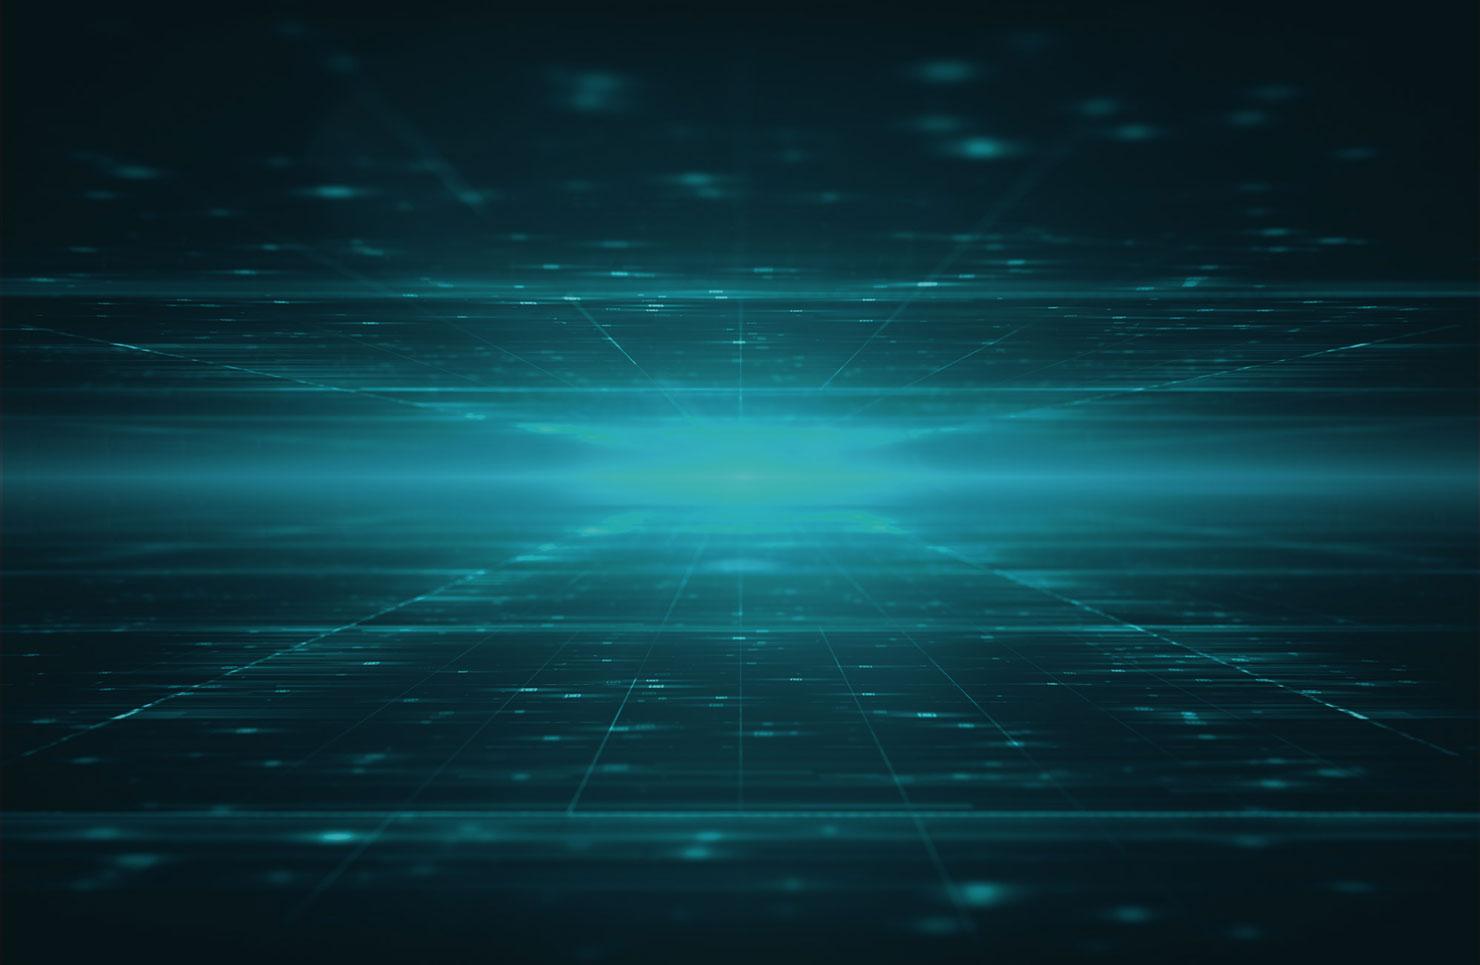 Låt oss berätta mer för er om Discovery Hub från TimeXtender